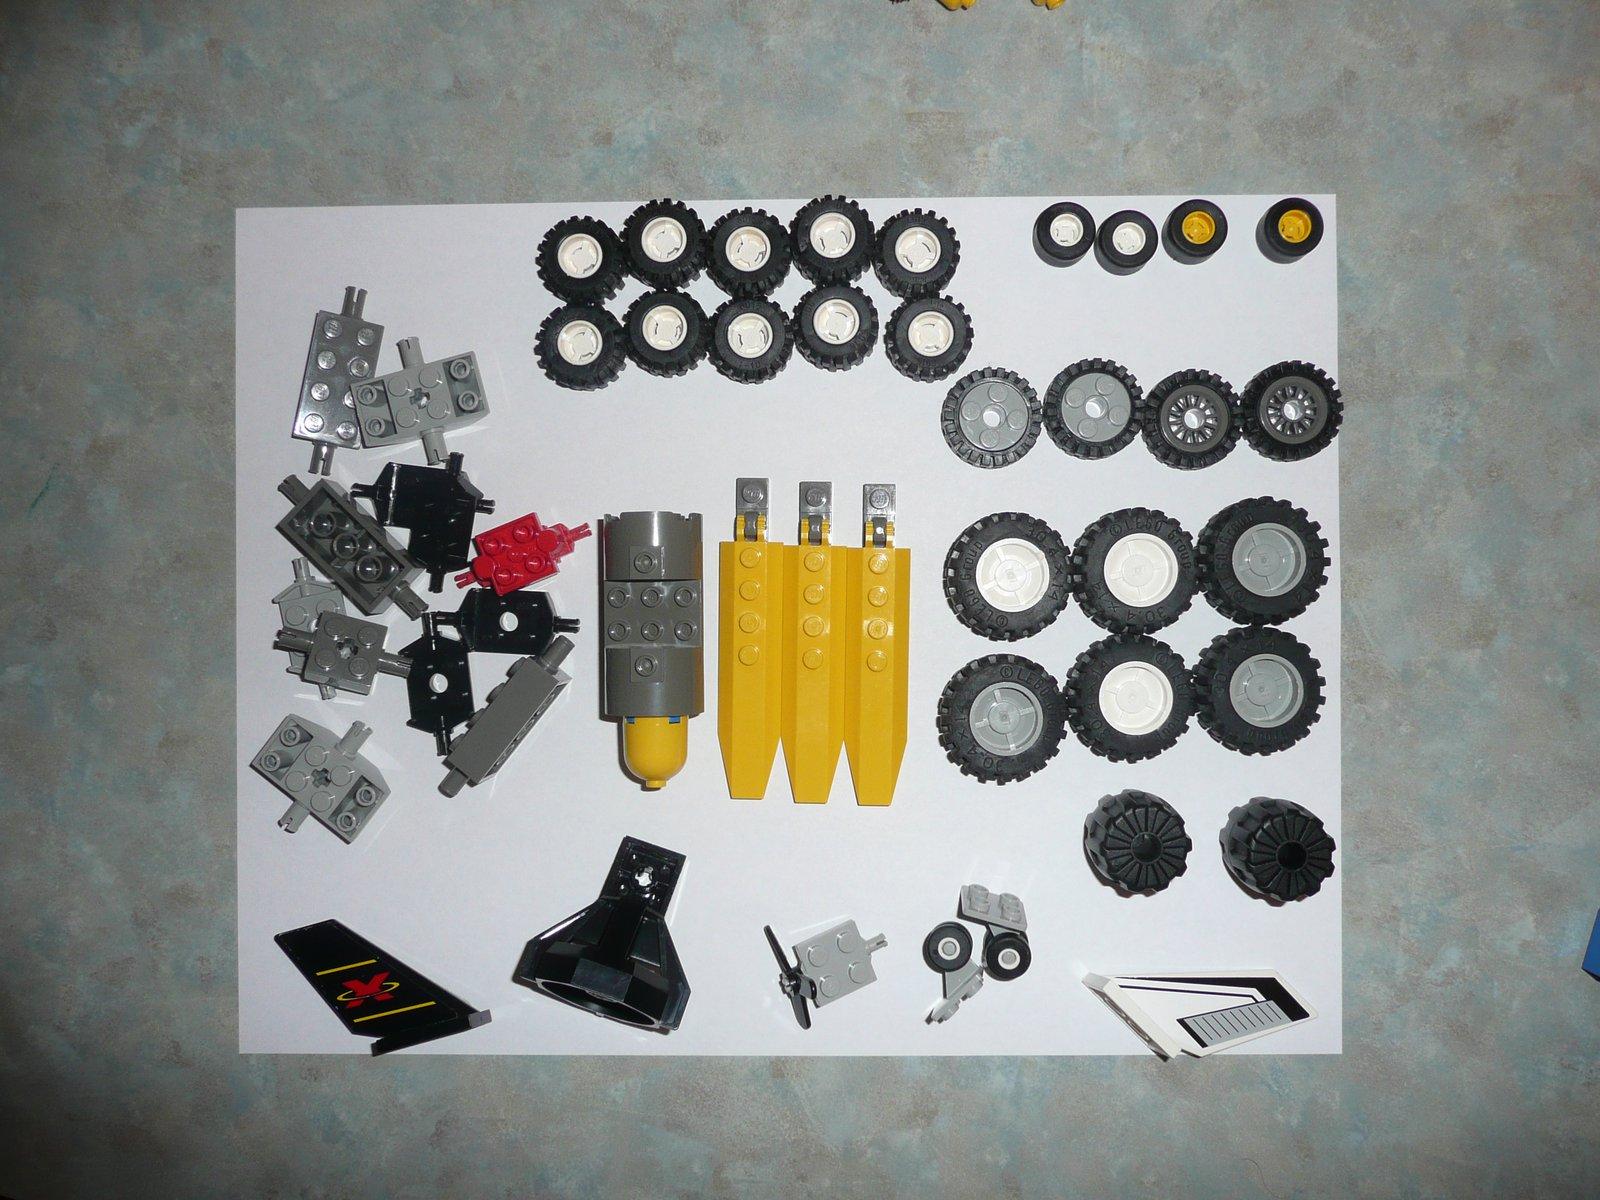 Wheels, Wheel Mounts, Propellers